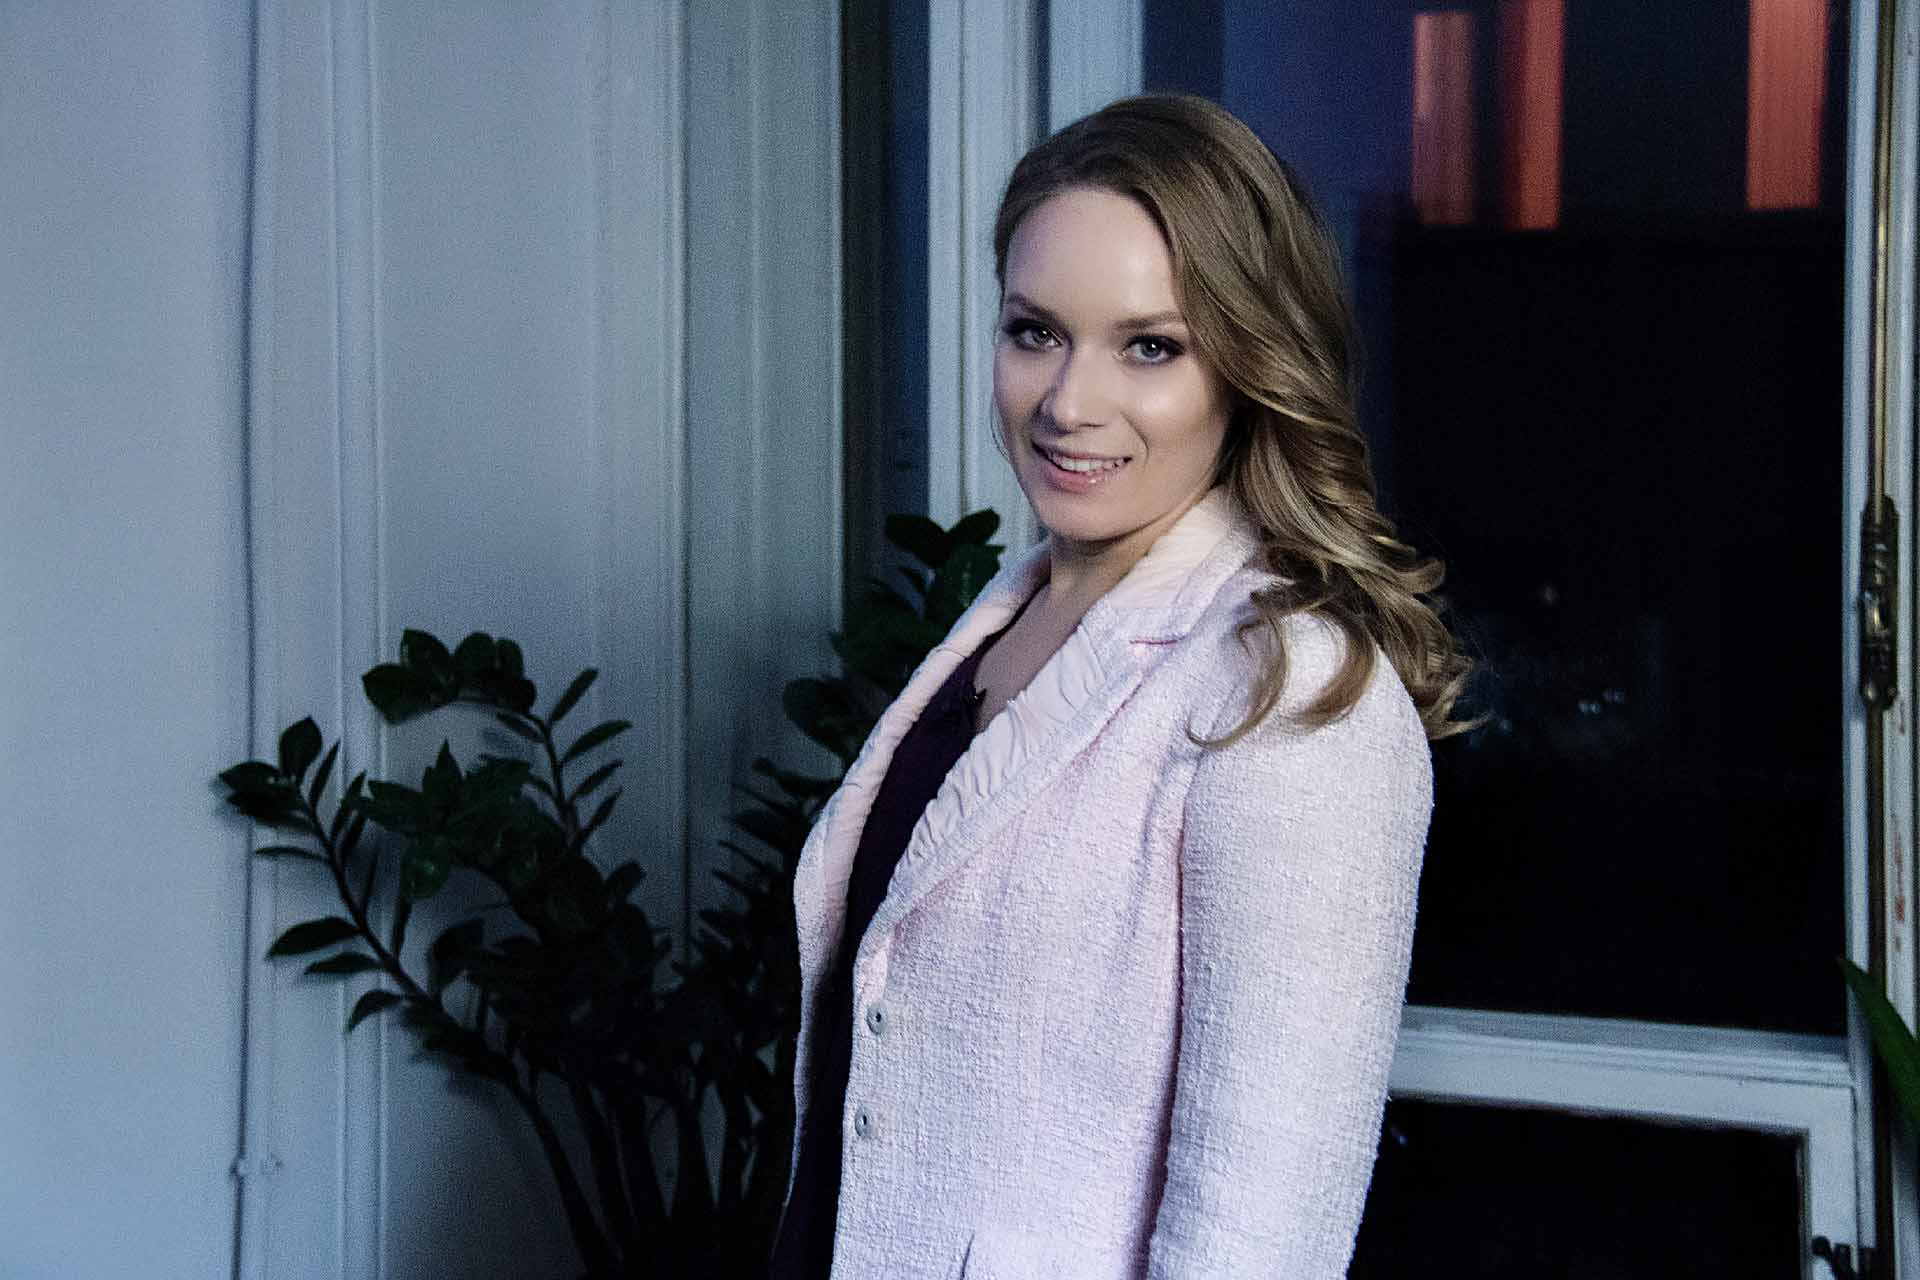 Анна Василянская. Последствия пандемии в бизнесе. Юридические аспекты